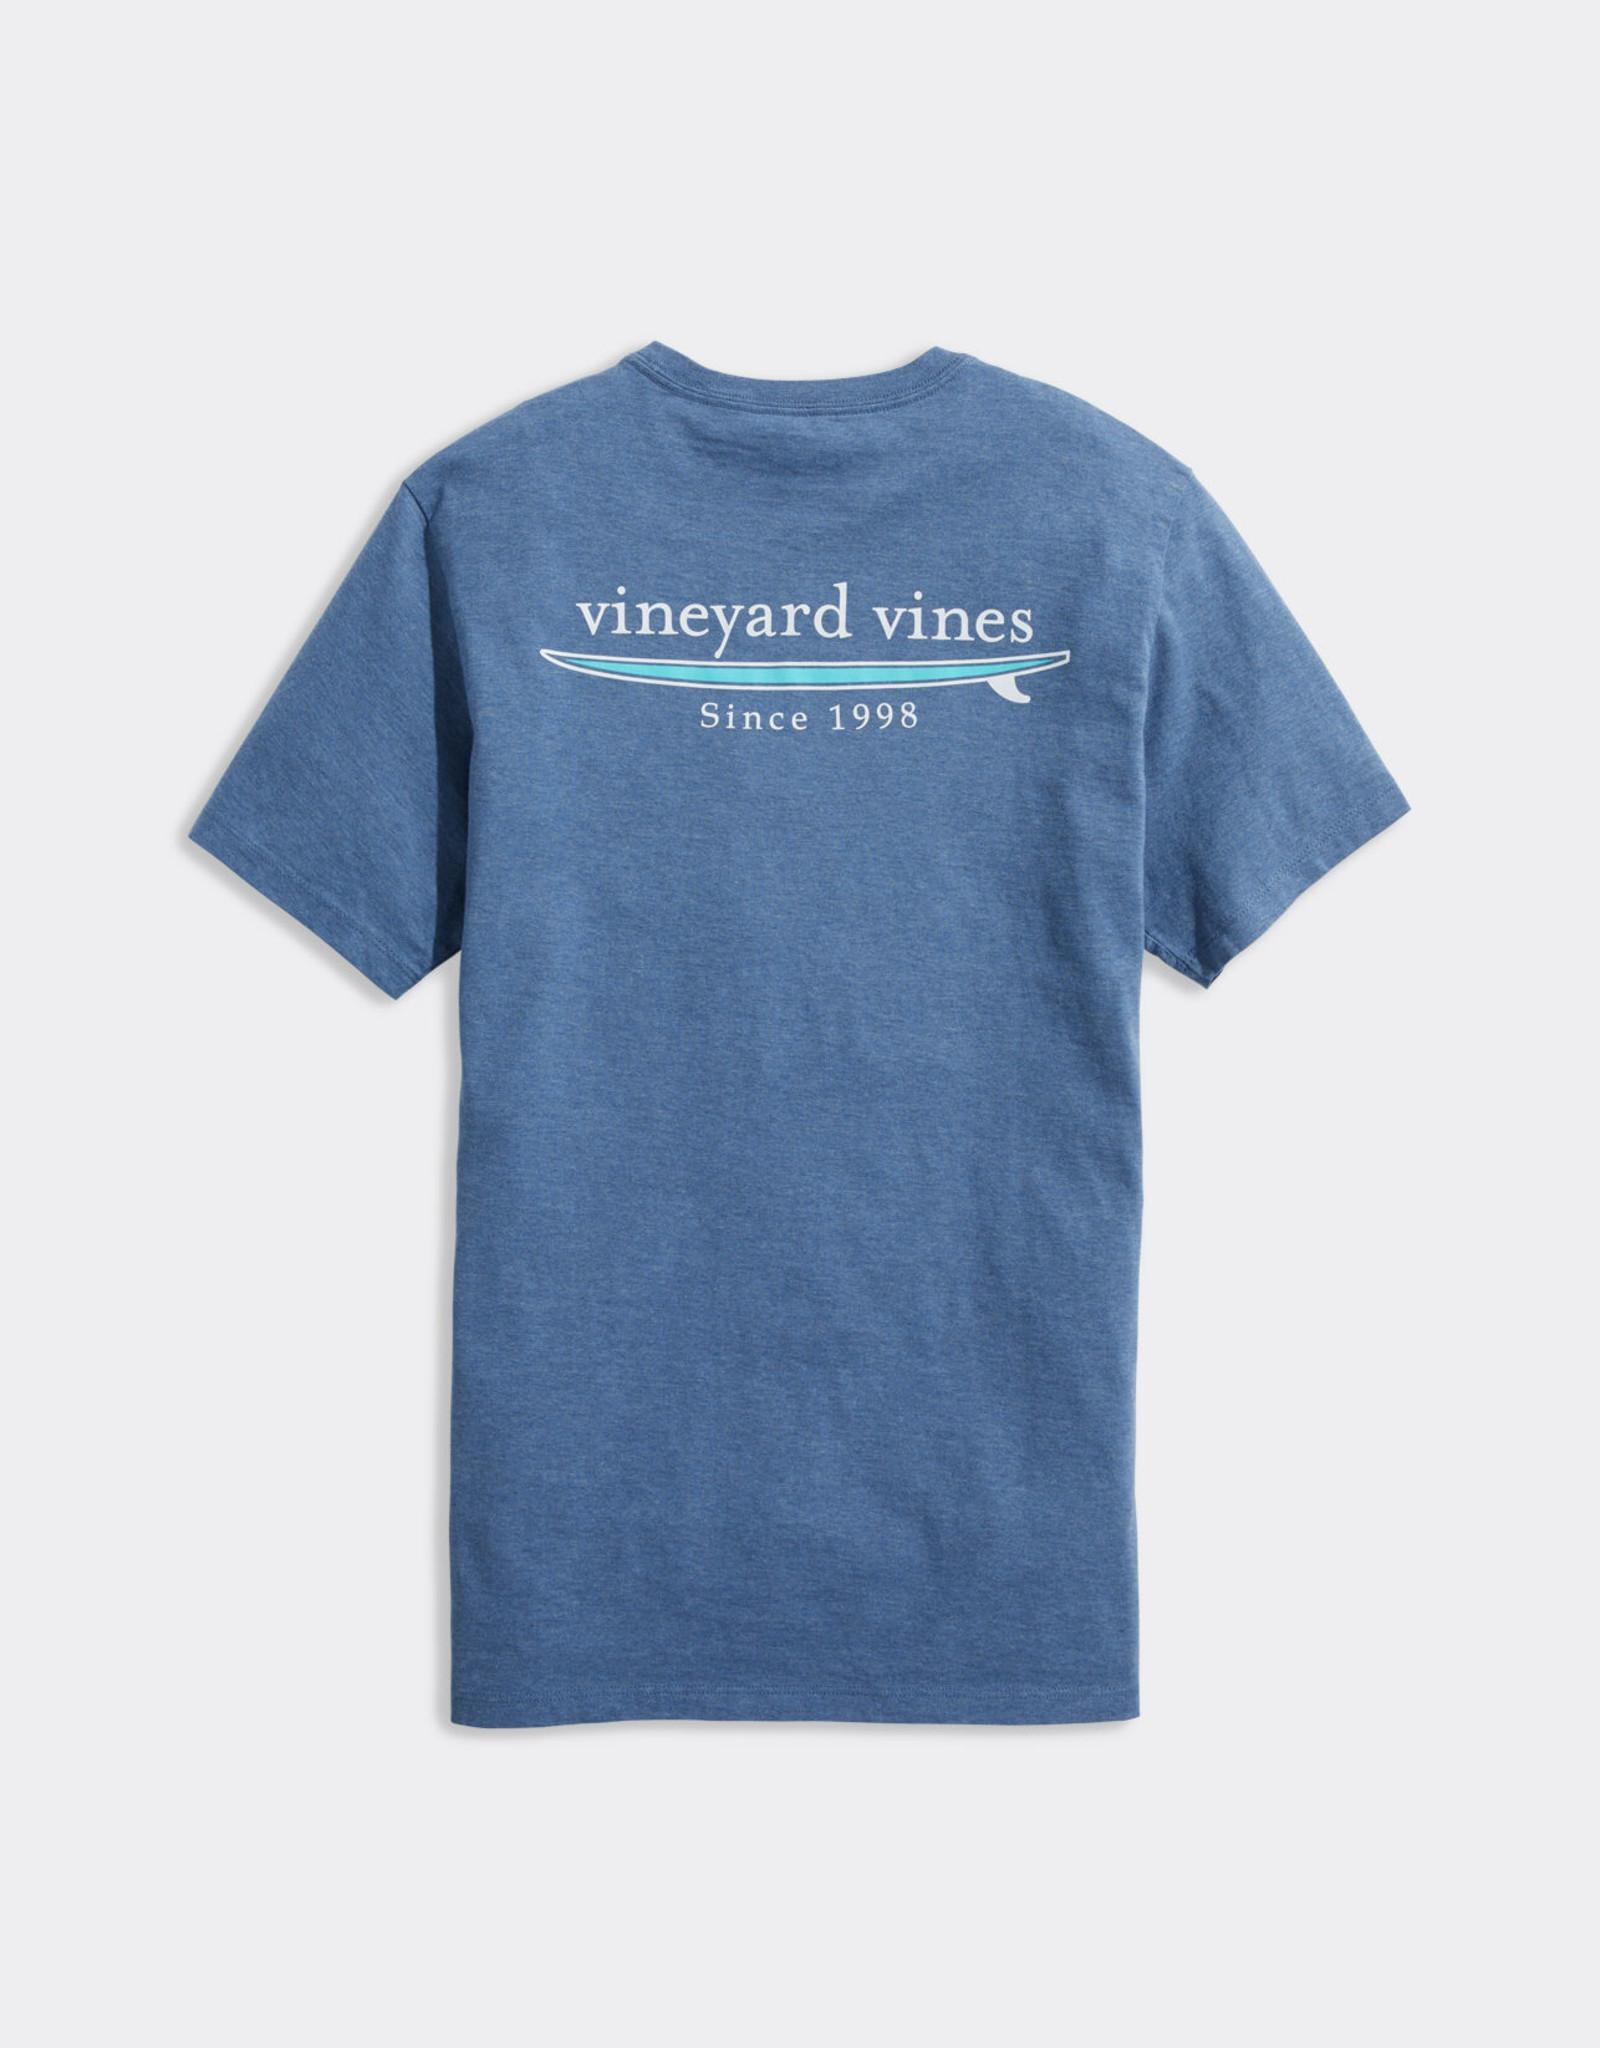 Vineyard Vines Simple Surf Heathered Tee